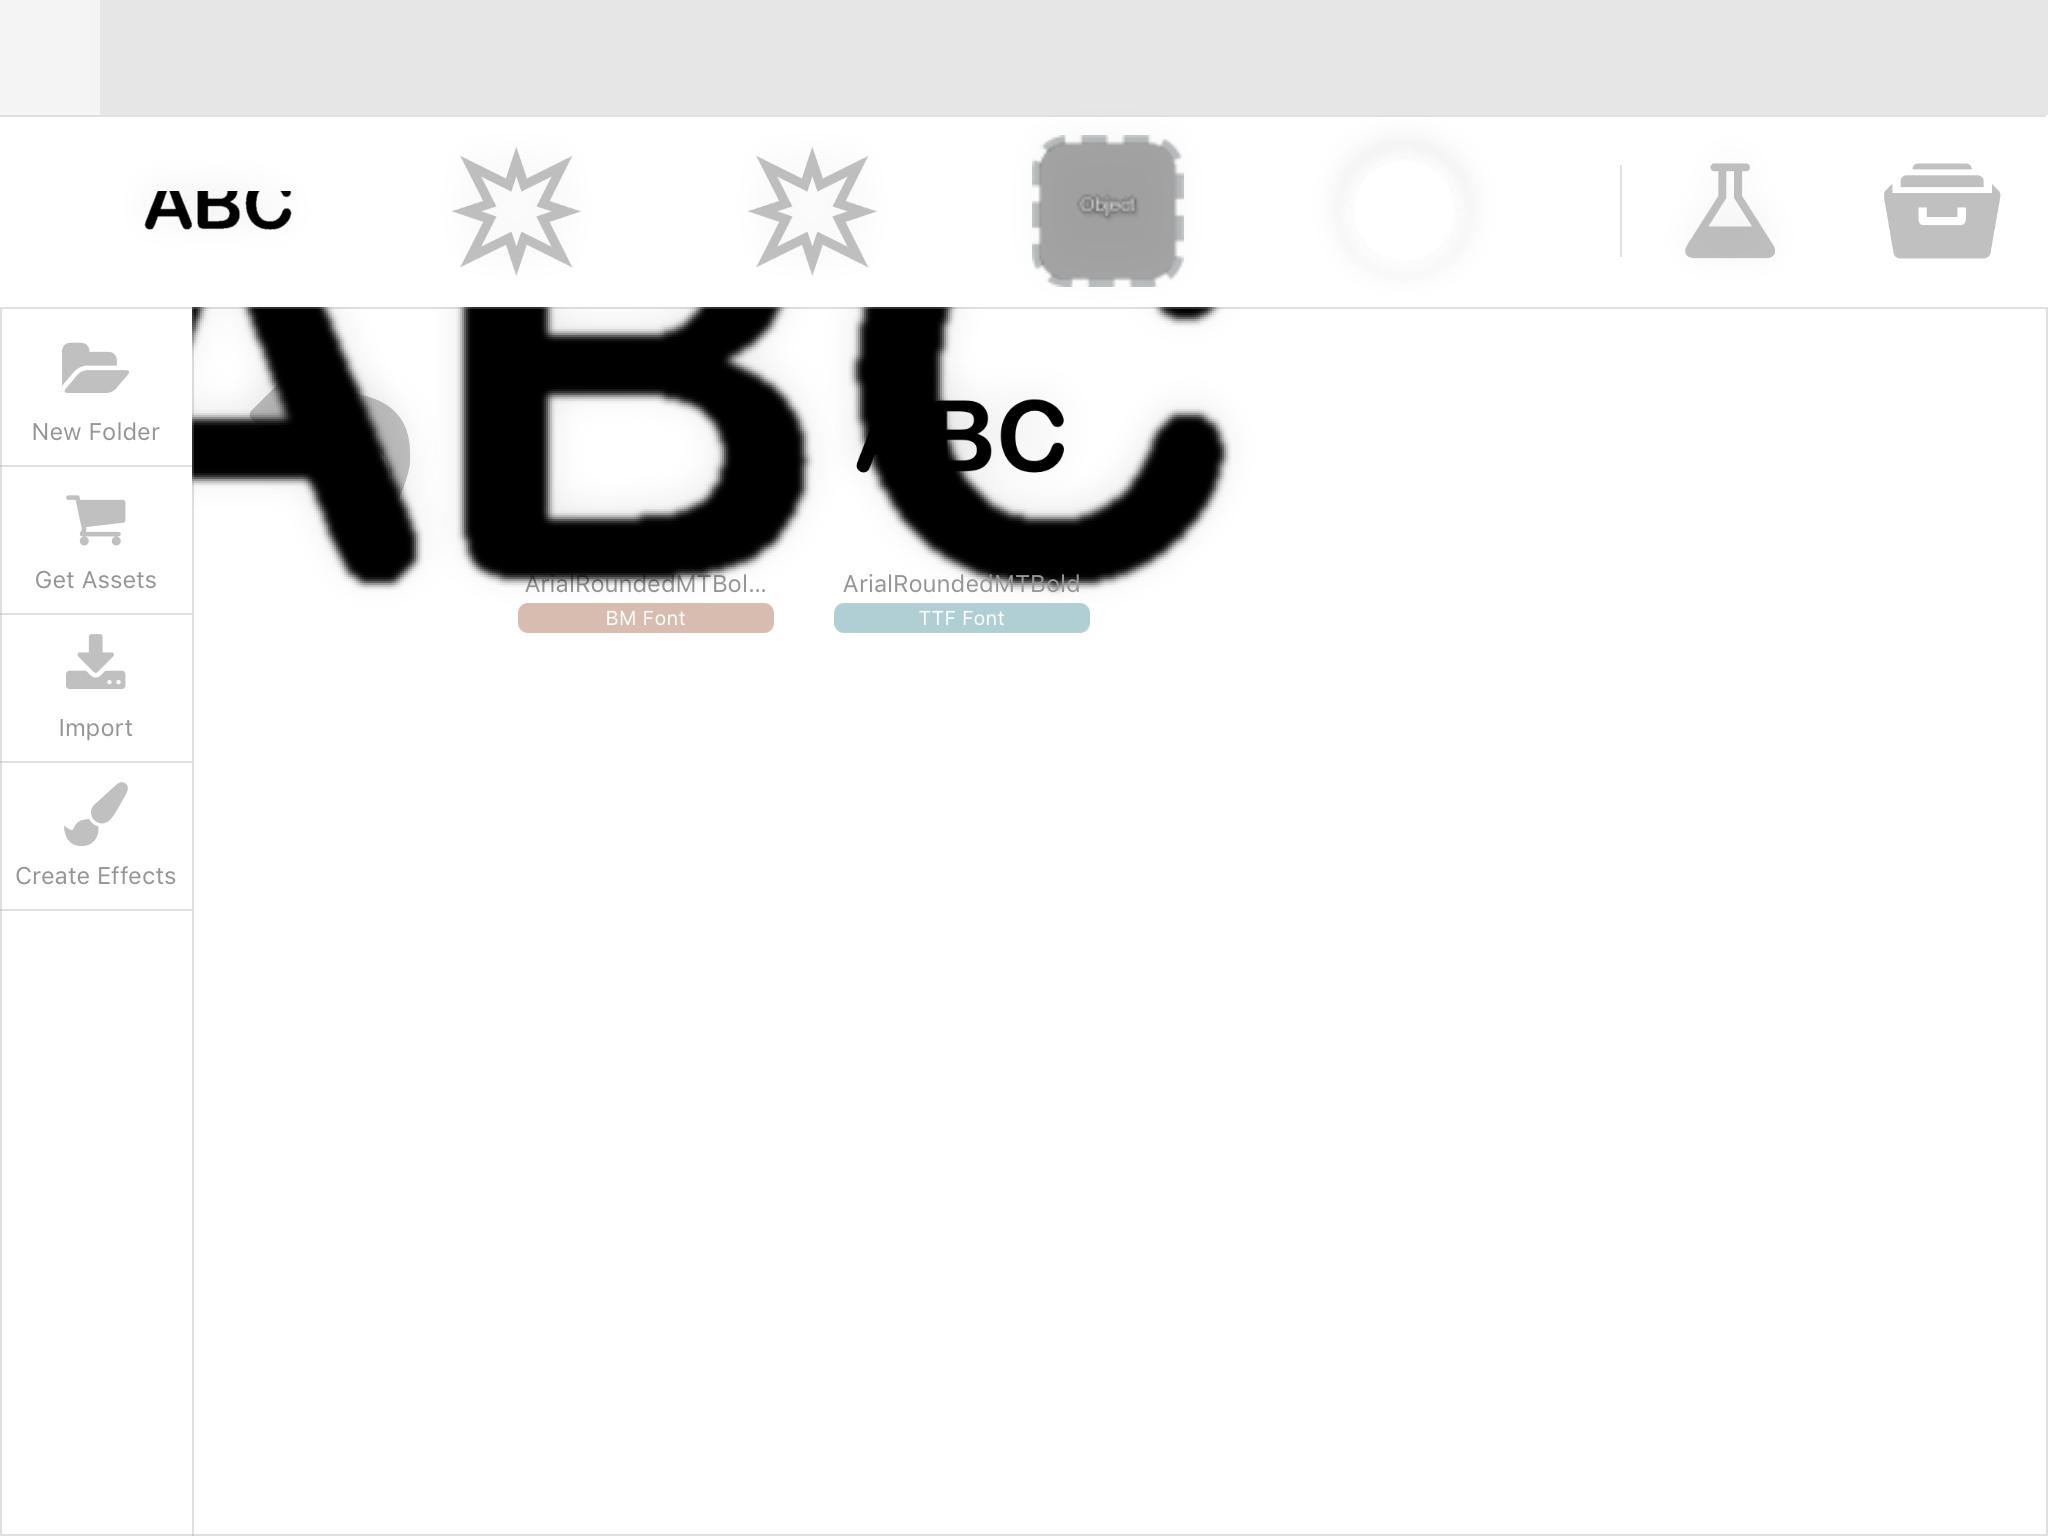 0_1525251962970_ACC583BA-8373-4D2E-B8D3-C68CE2080A9F.png